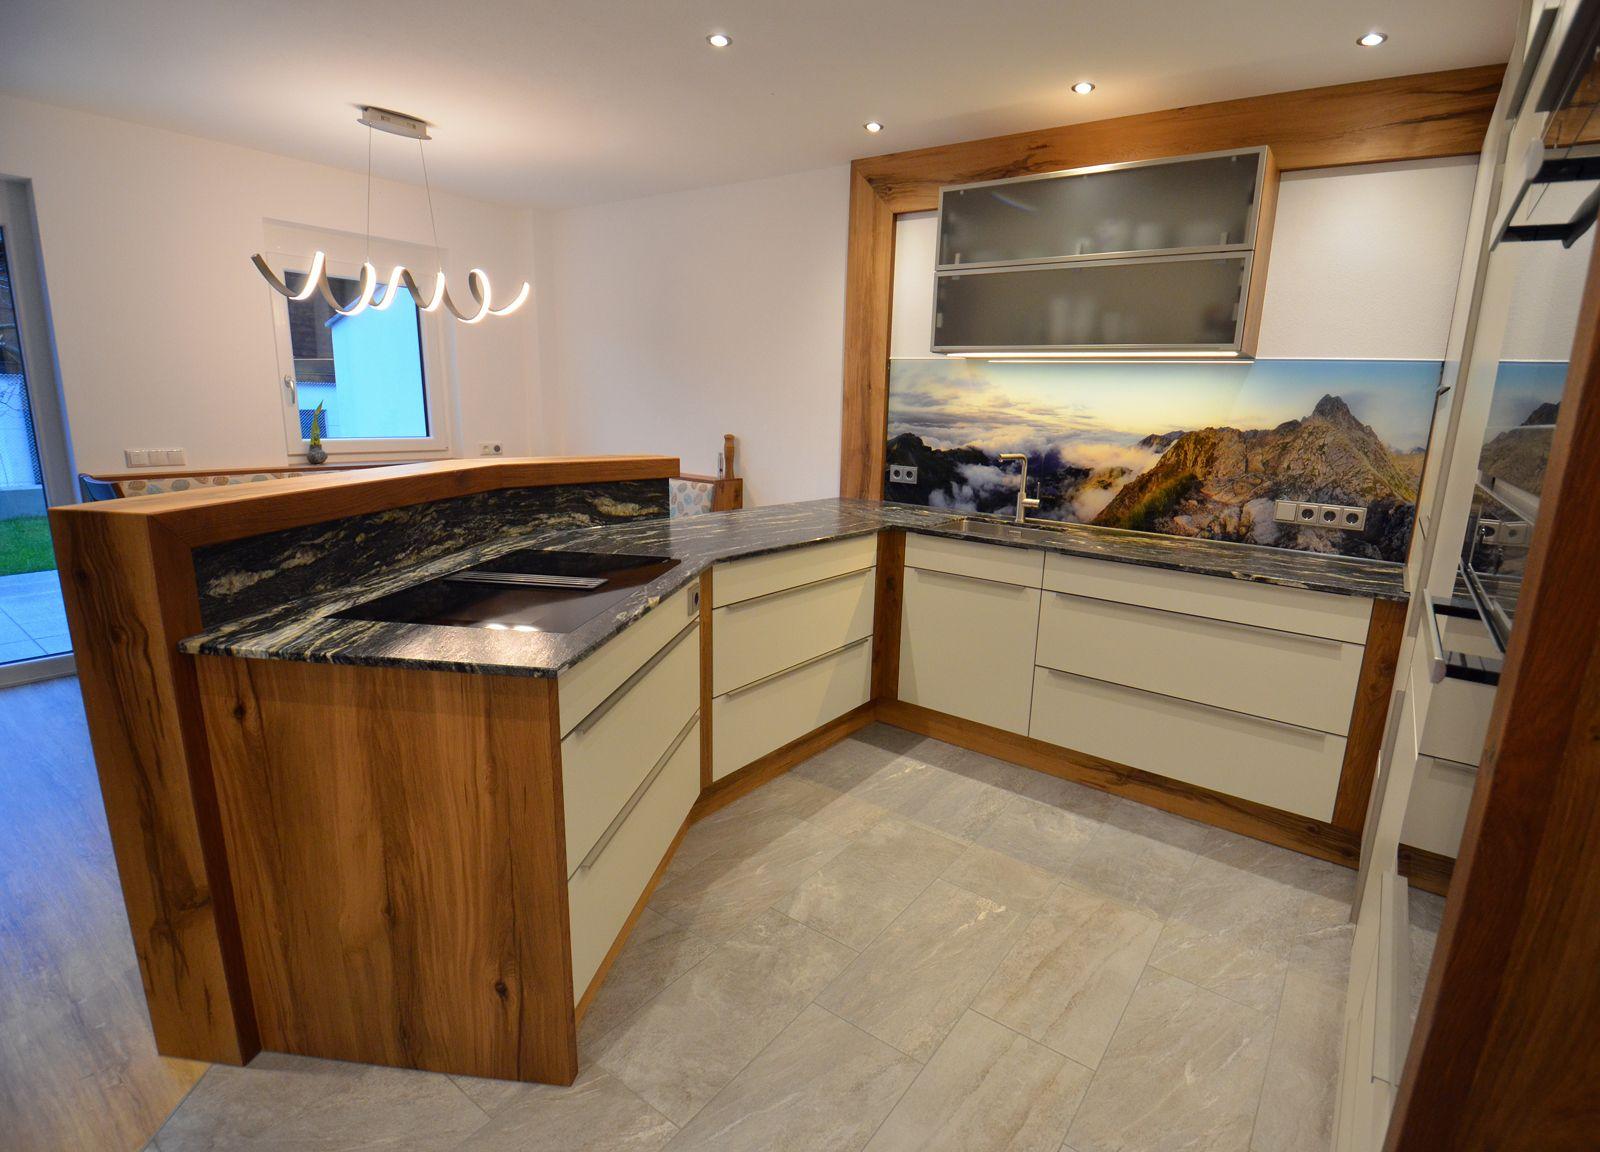 Tischlerkuche In Eiche Altholz Kombiniert Mit Einer Granit Arbeitsplatte Und Einer Glasruckwand Mit Digitaldru Granit Arbeitsplatte Arbeitsplatte Glasruckwand